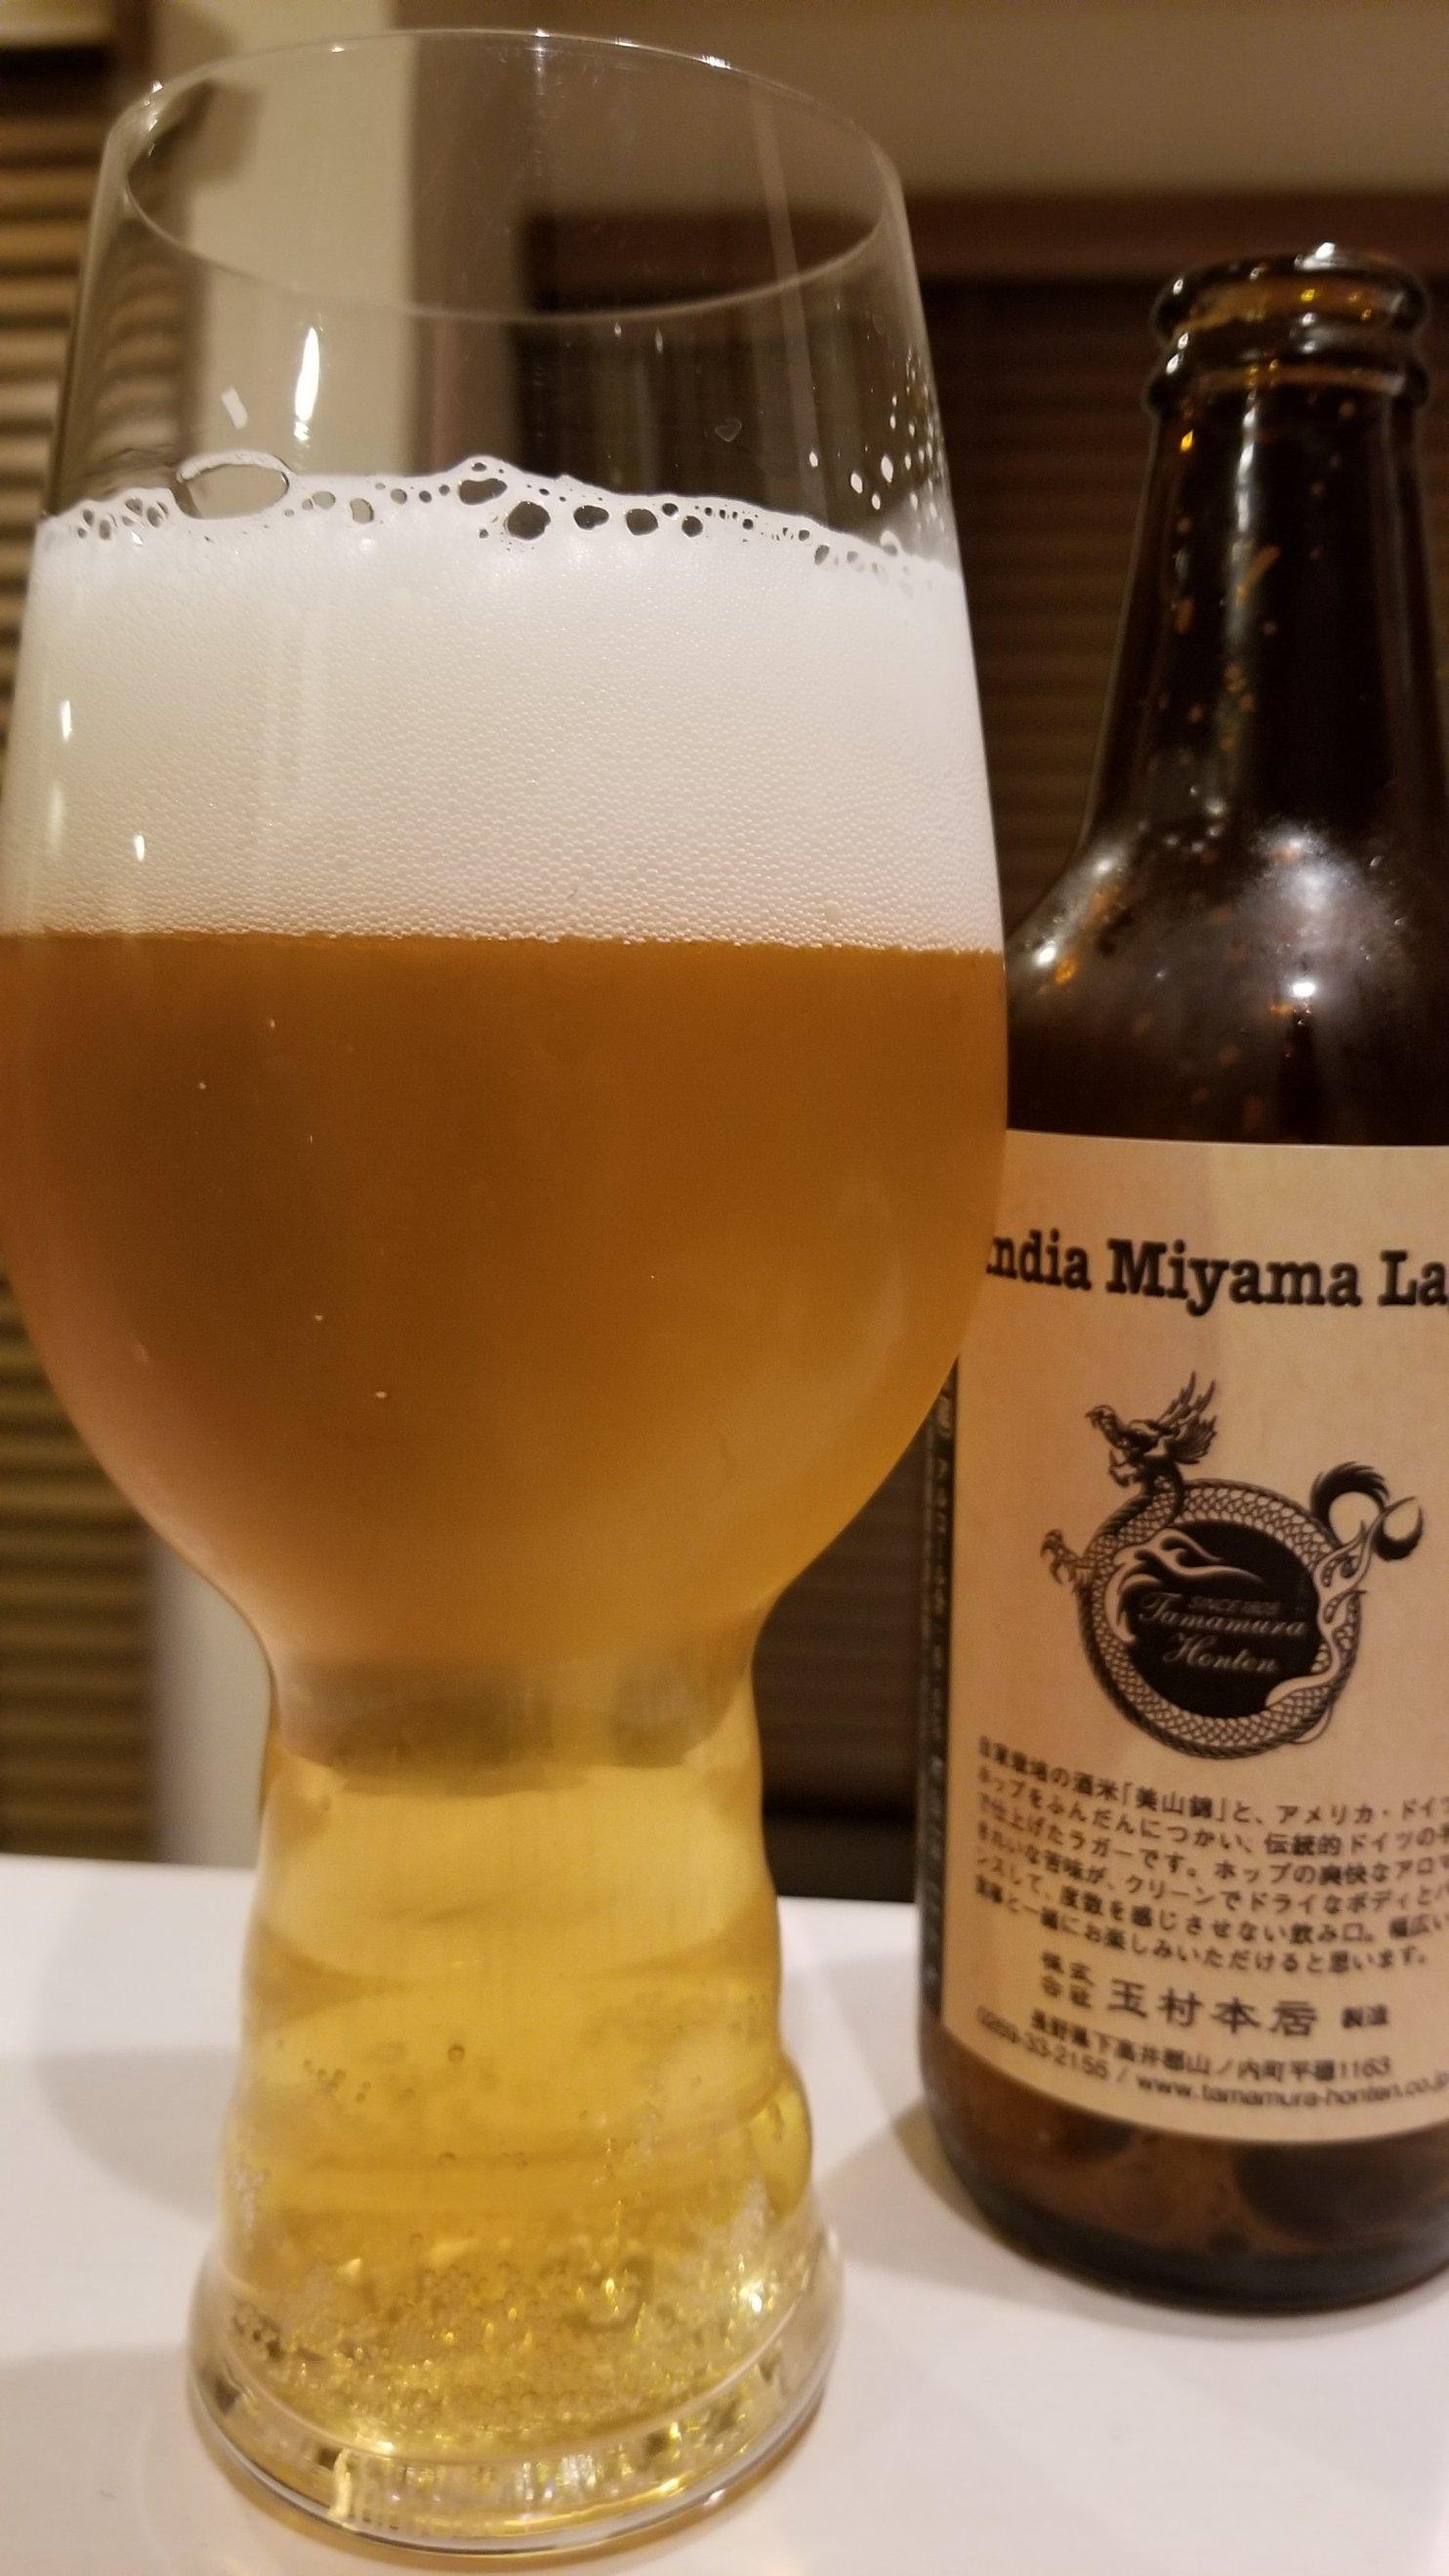 Shiga Kogen India Miyama Lager 志賀高原インディアミヤマラガー